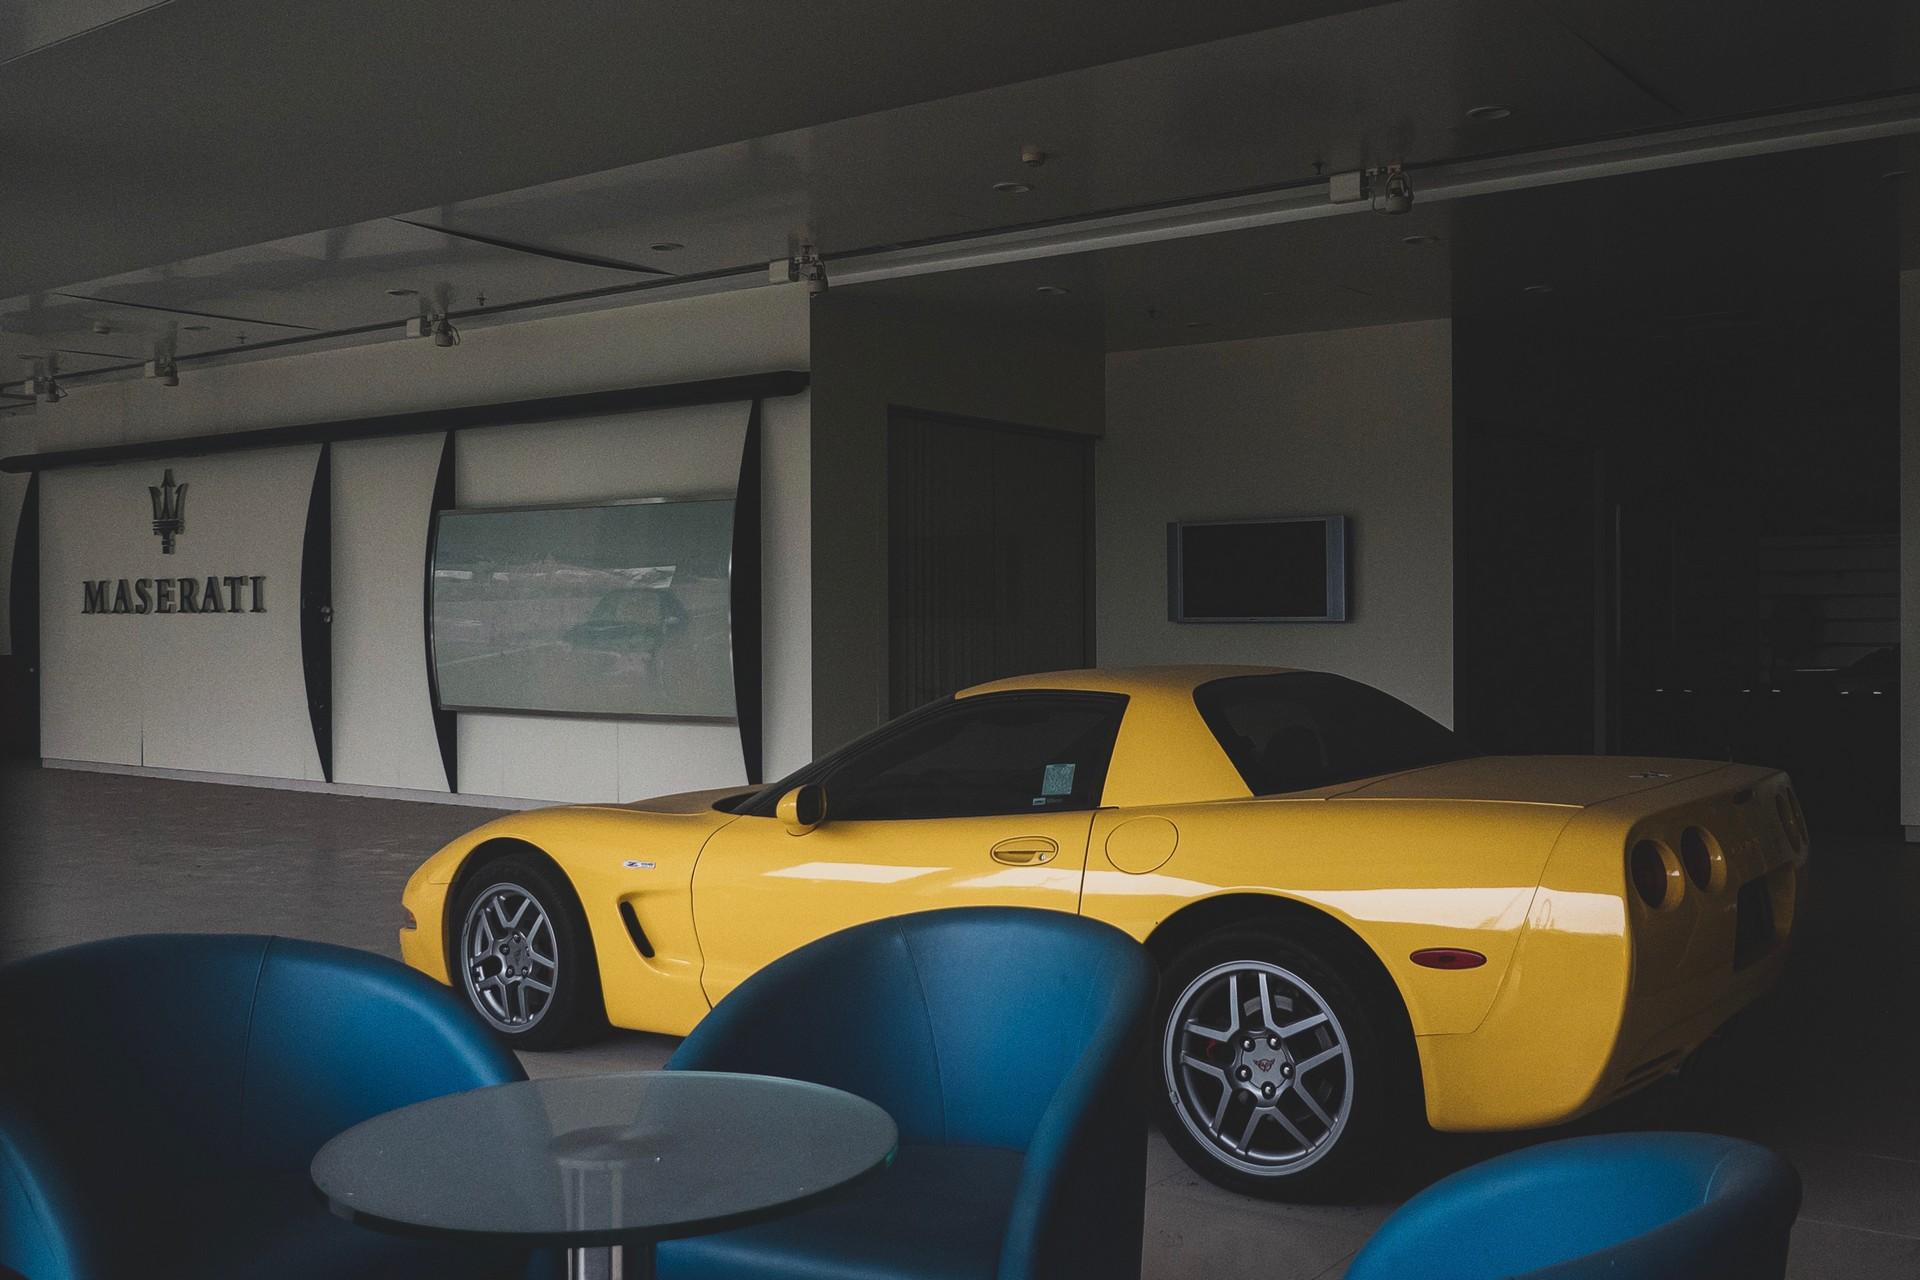 Редчайшие суперкары обнаружили в заброшенном автосалоне